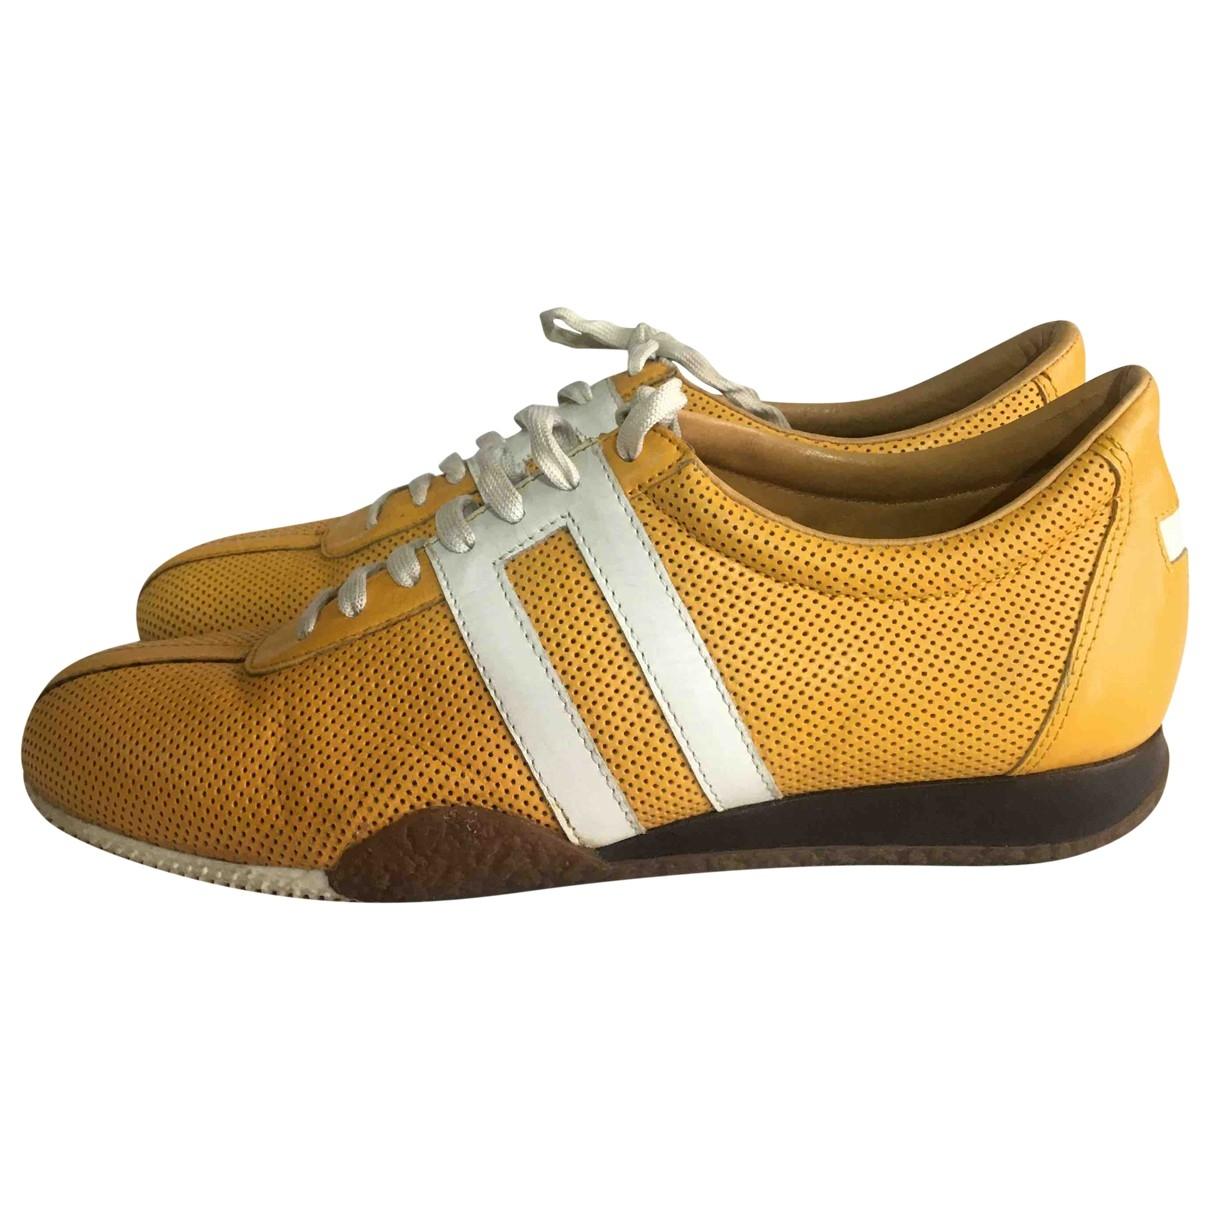 Bally - Derbies   pour homme en cuir - jaune